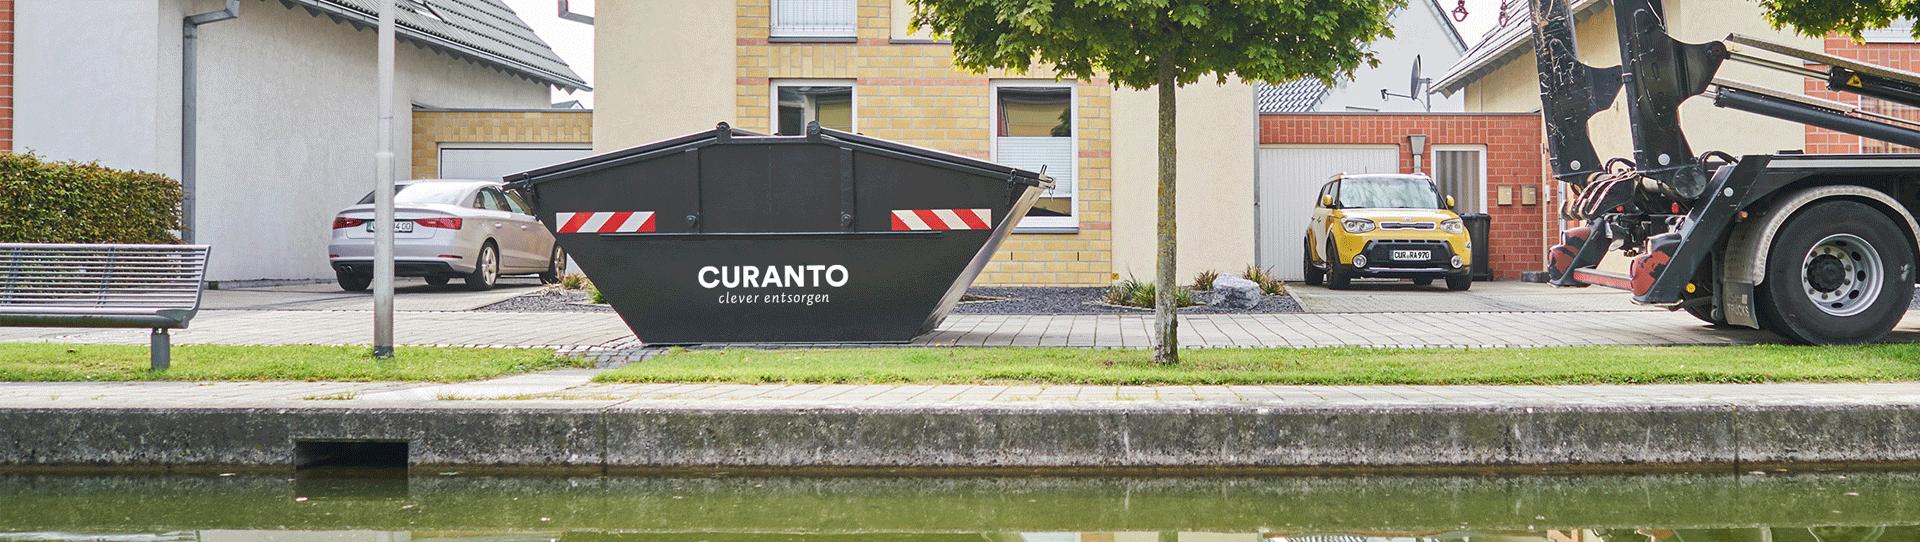 CURANTO Bestellcheck